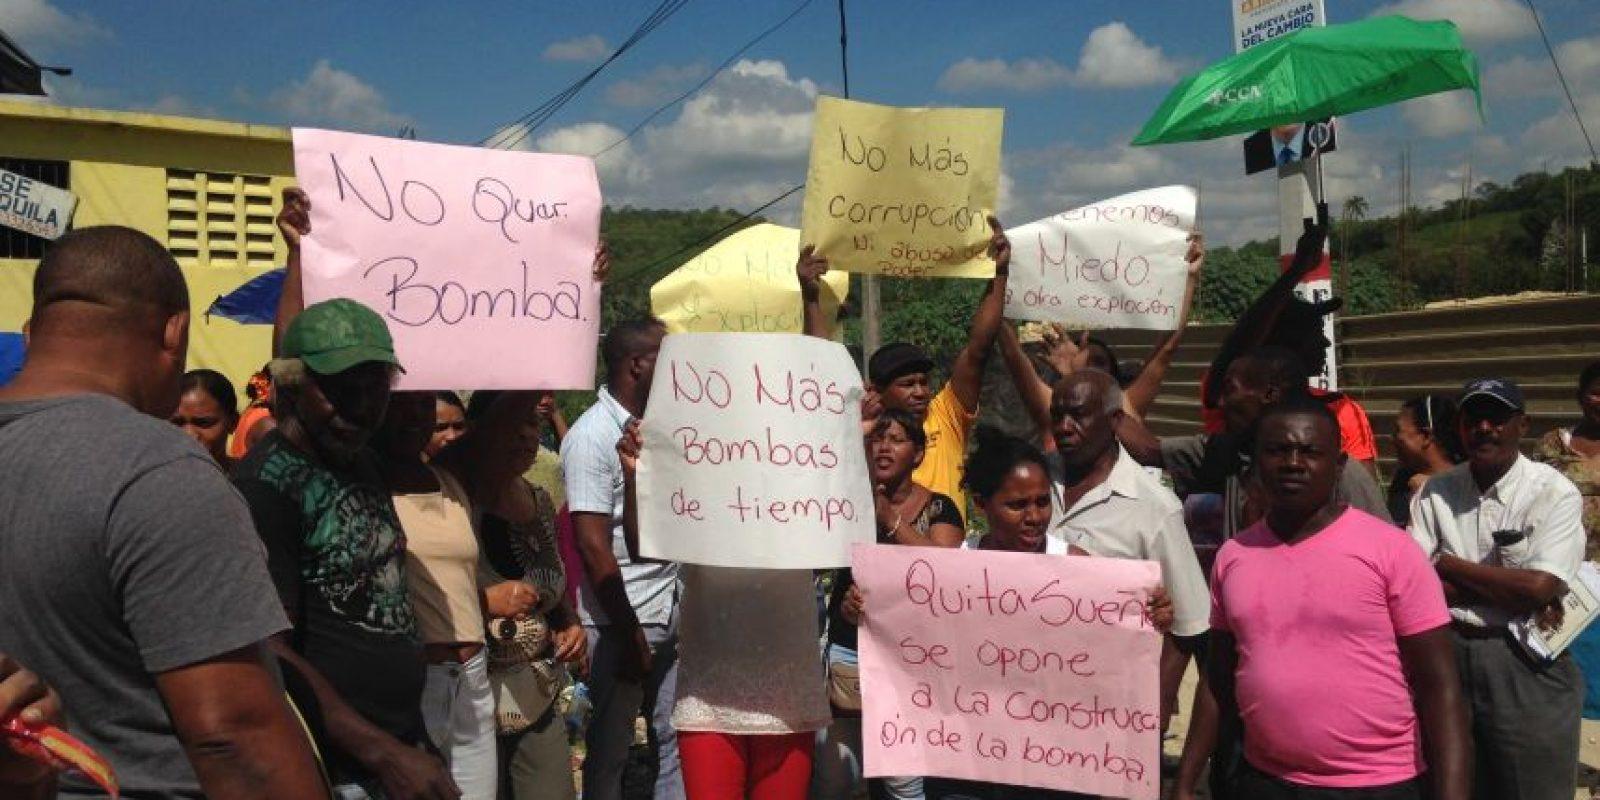 Moradores de Quita Sueño no aceptan la construcción de otra estación de combustible. Foto:Cortesía de Shane Doñé